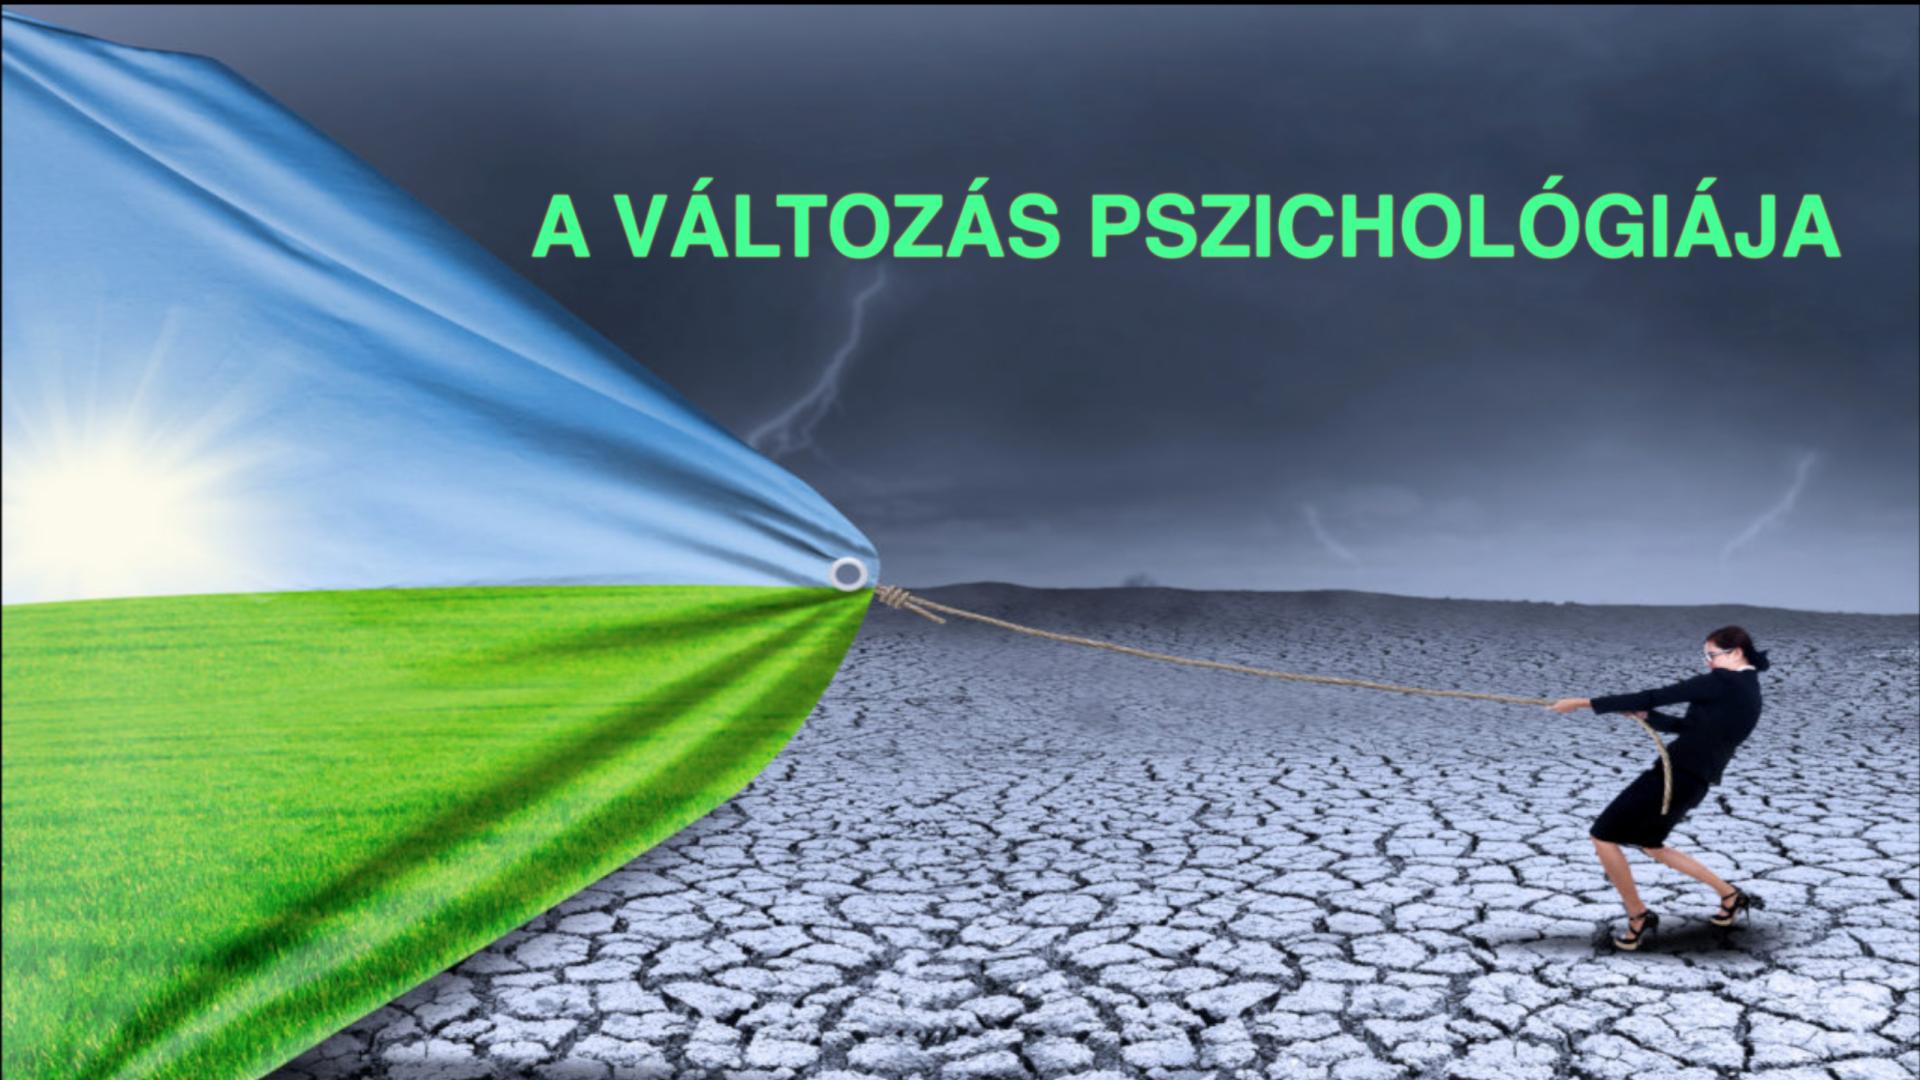 A változás pszichológiája